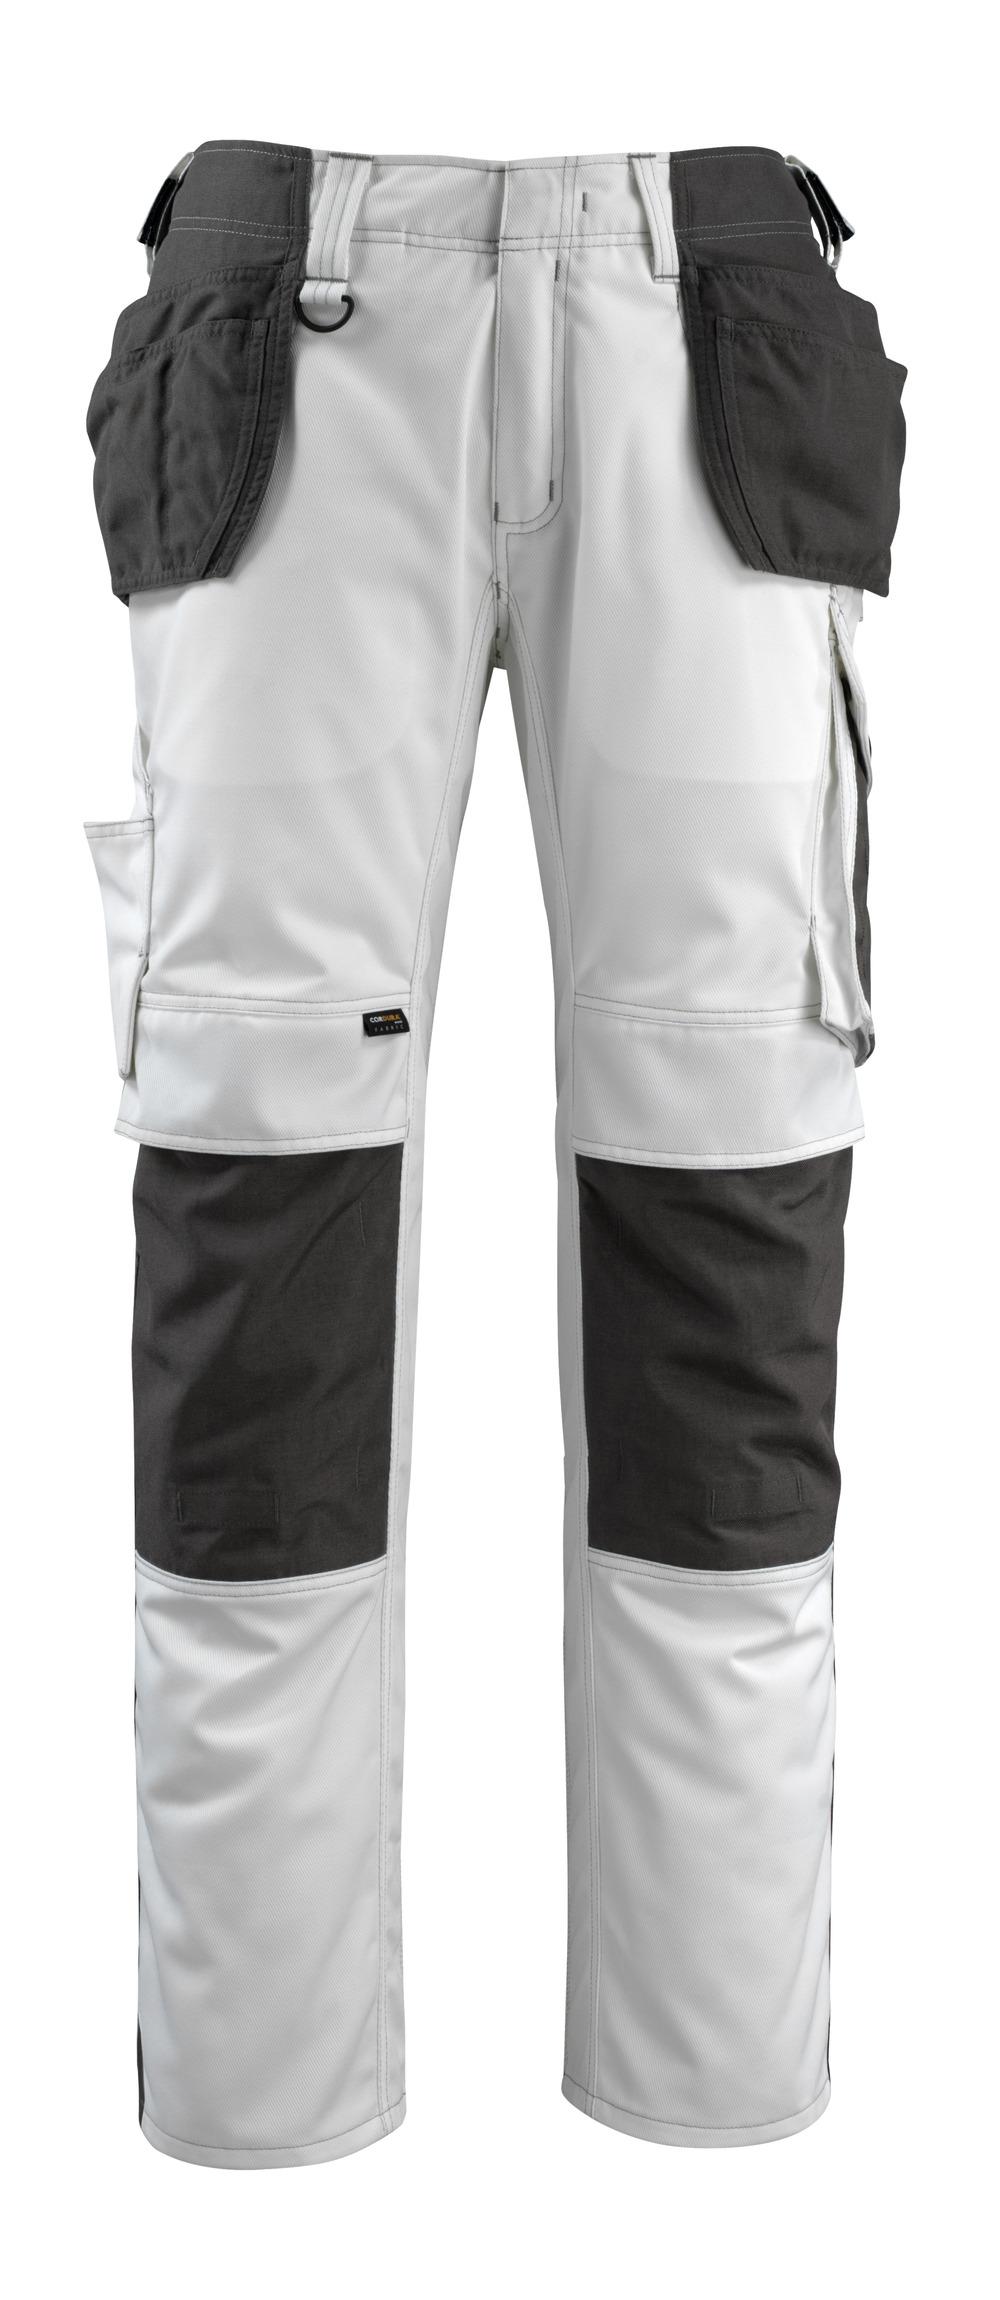 14031-203-0618 Broek met knie- en spijkerzakken - wit/donkerantraciet